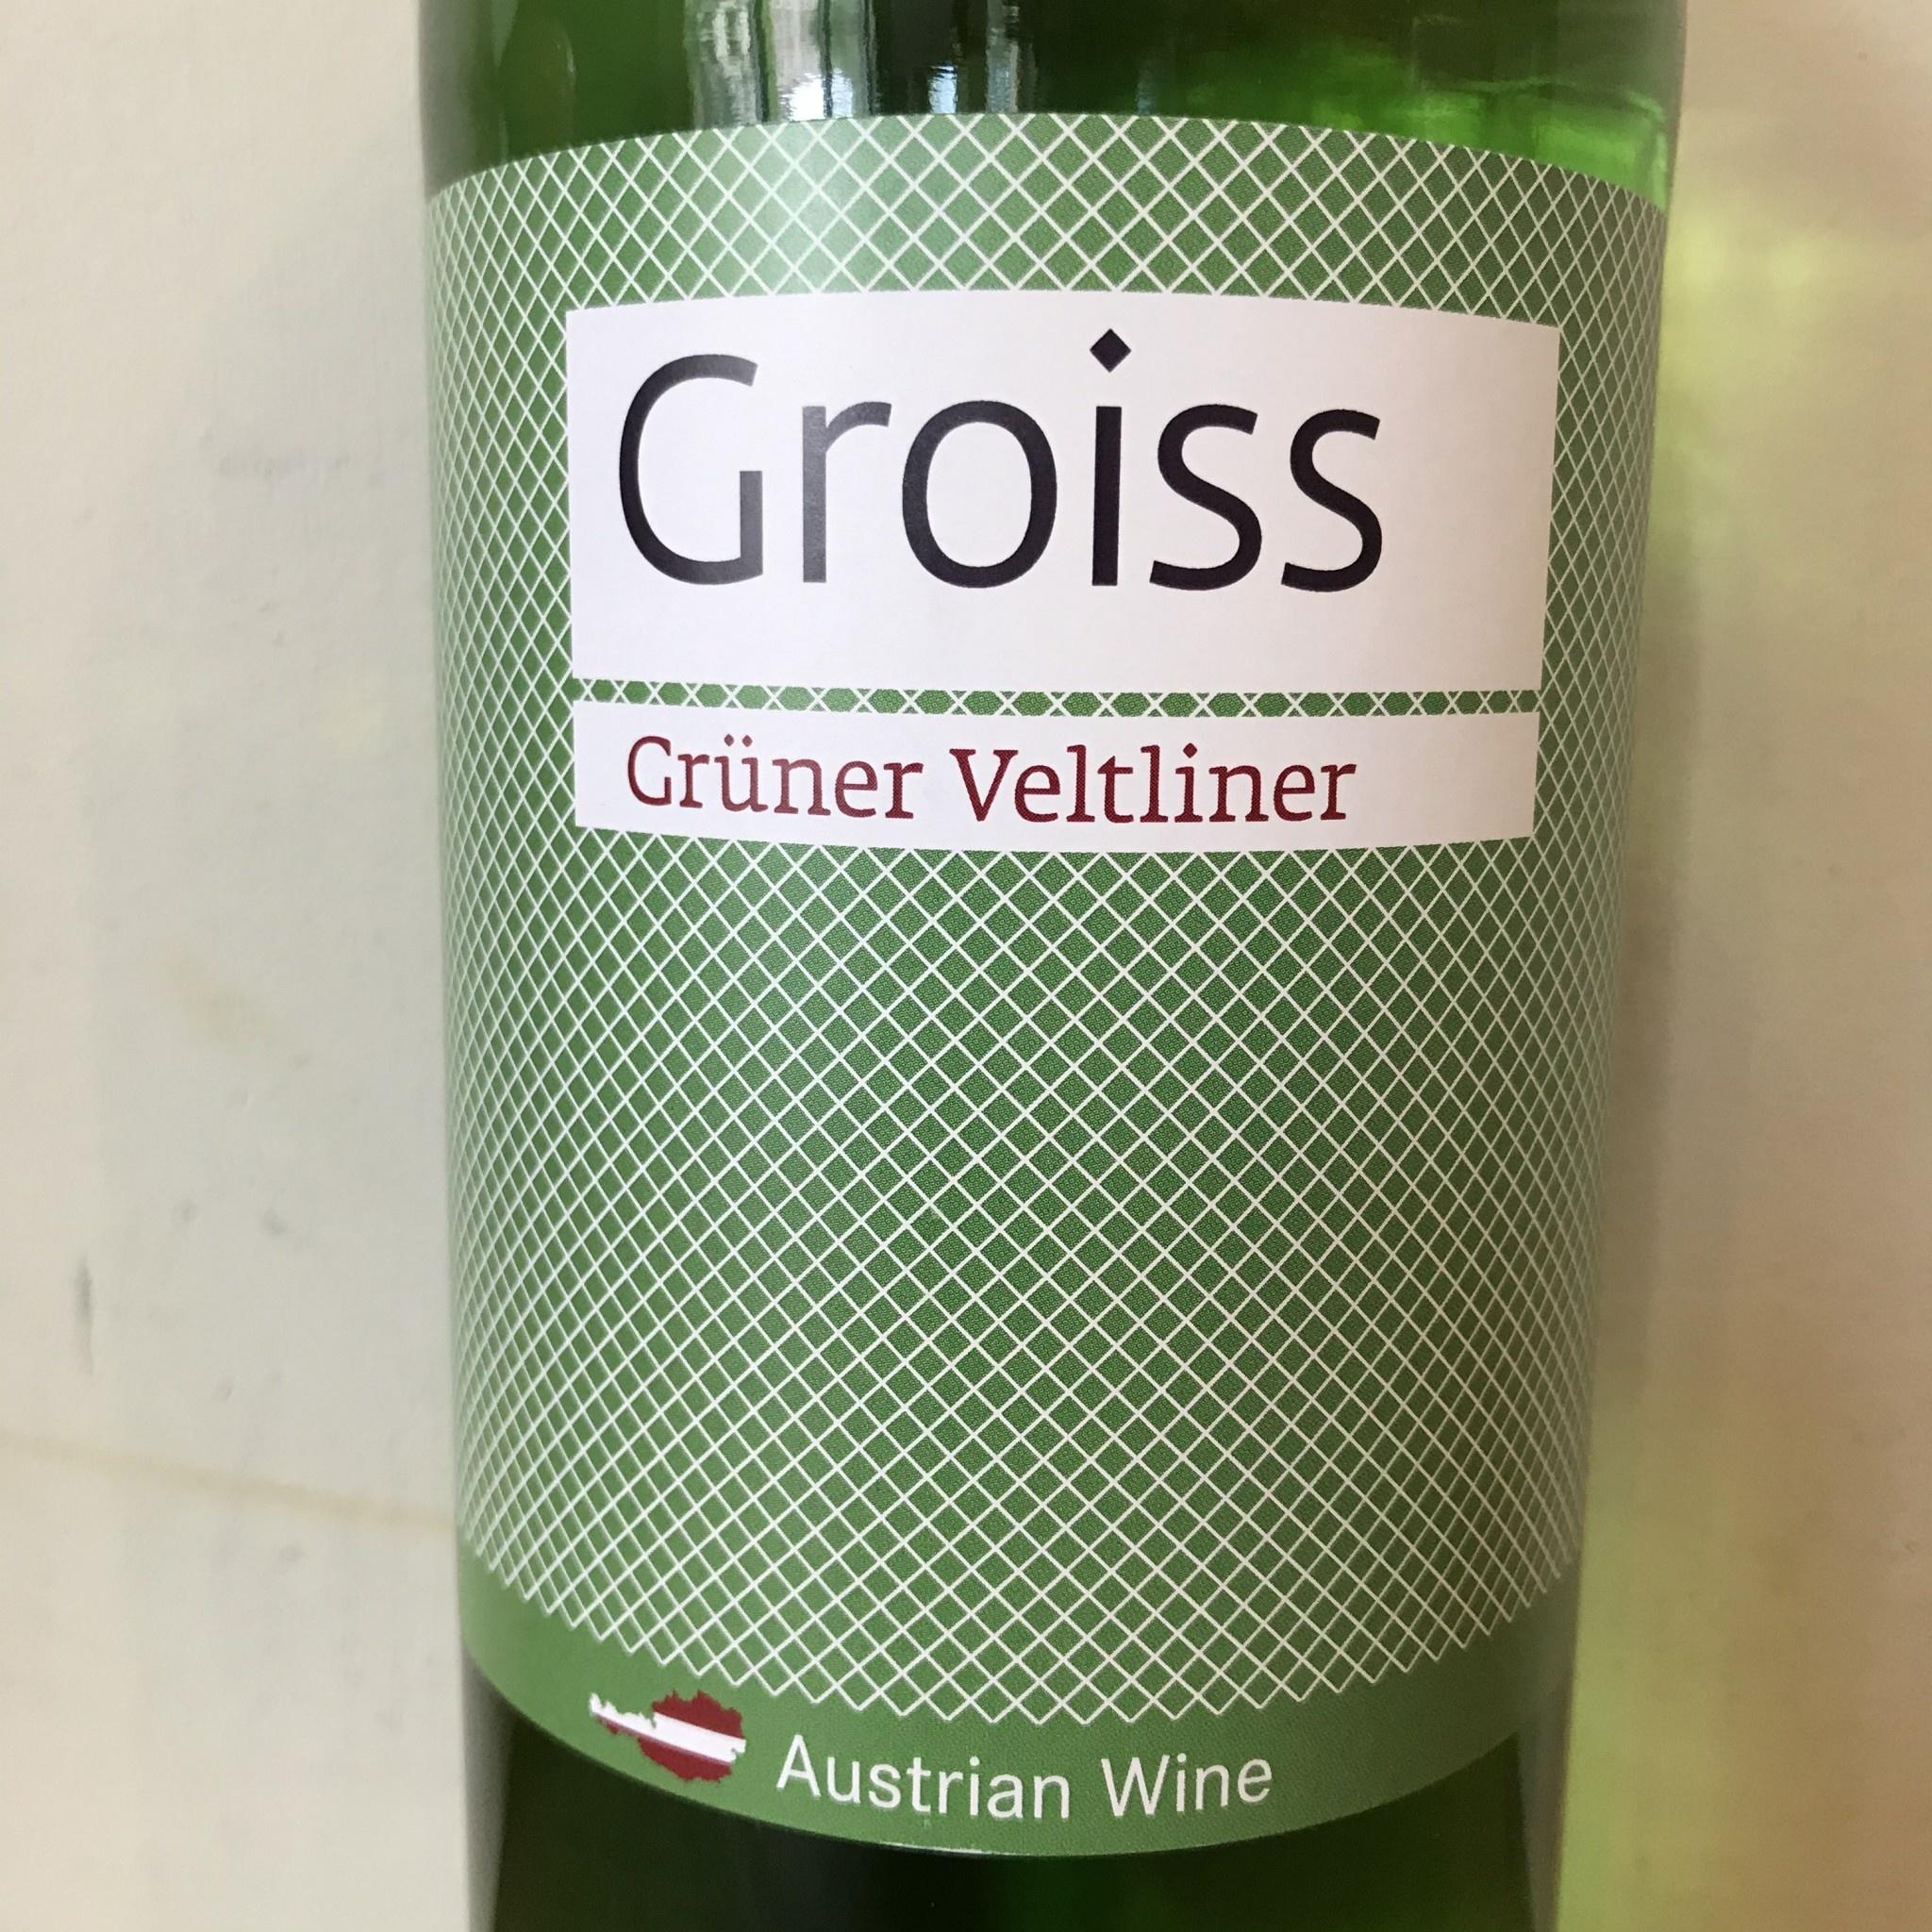 Austria 2020 Groiss Gruner Veltliner Liter